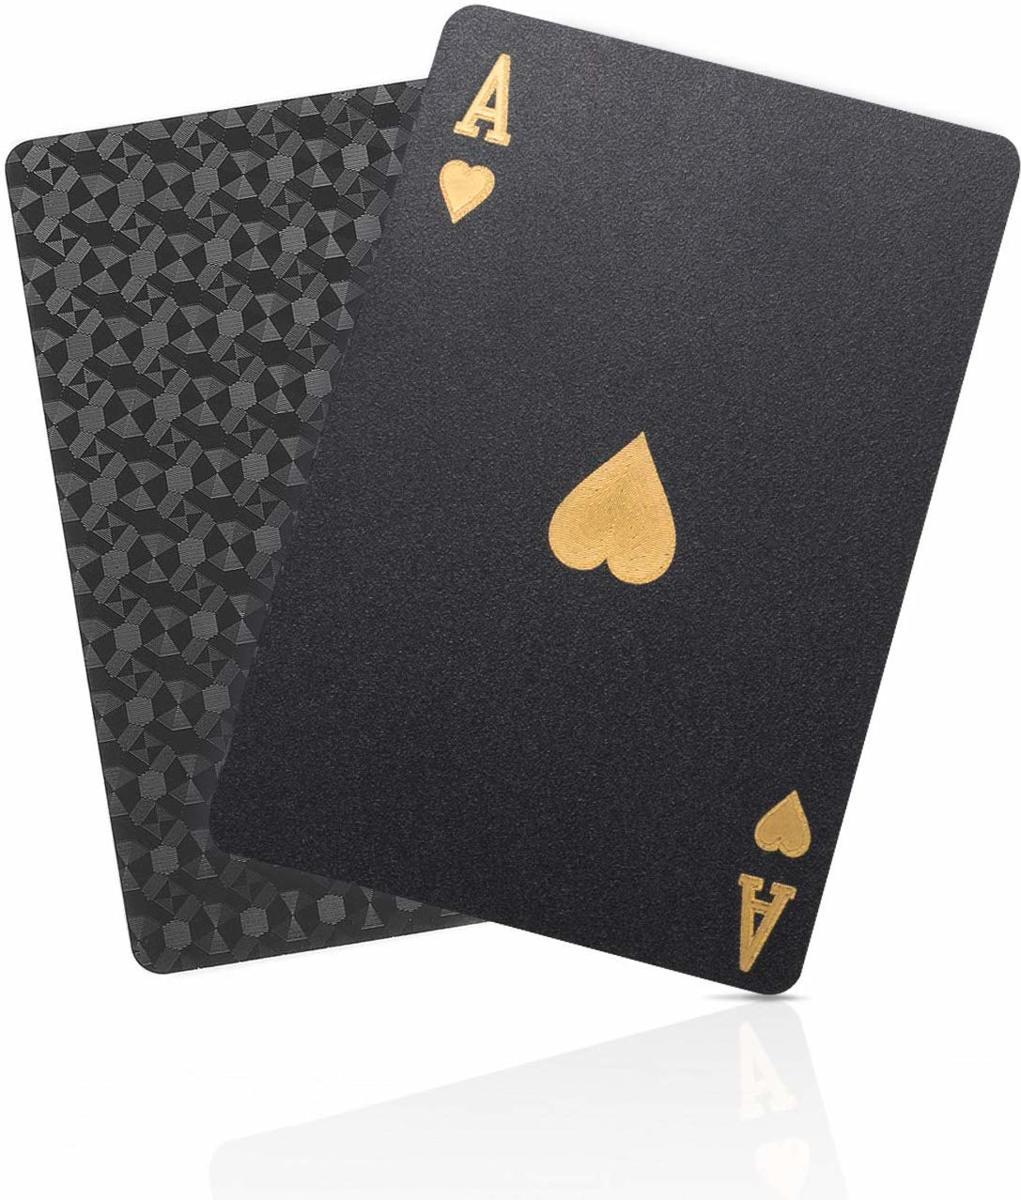 Speelkaarten Waterdicht – Special Edition Pokerkaarten Goud/Zwart kopen